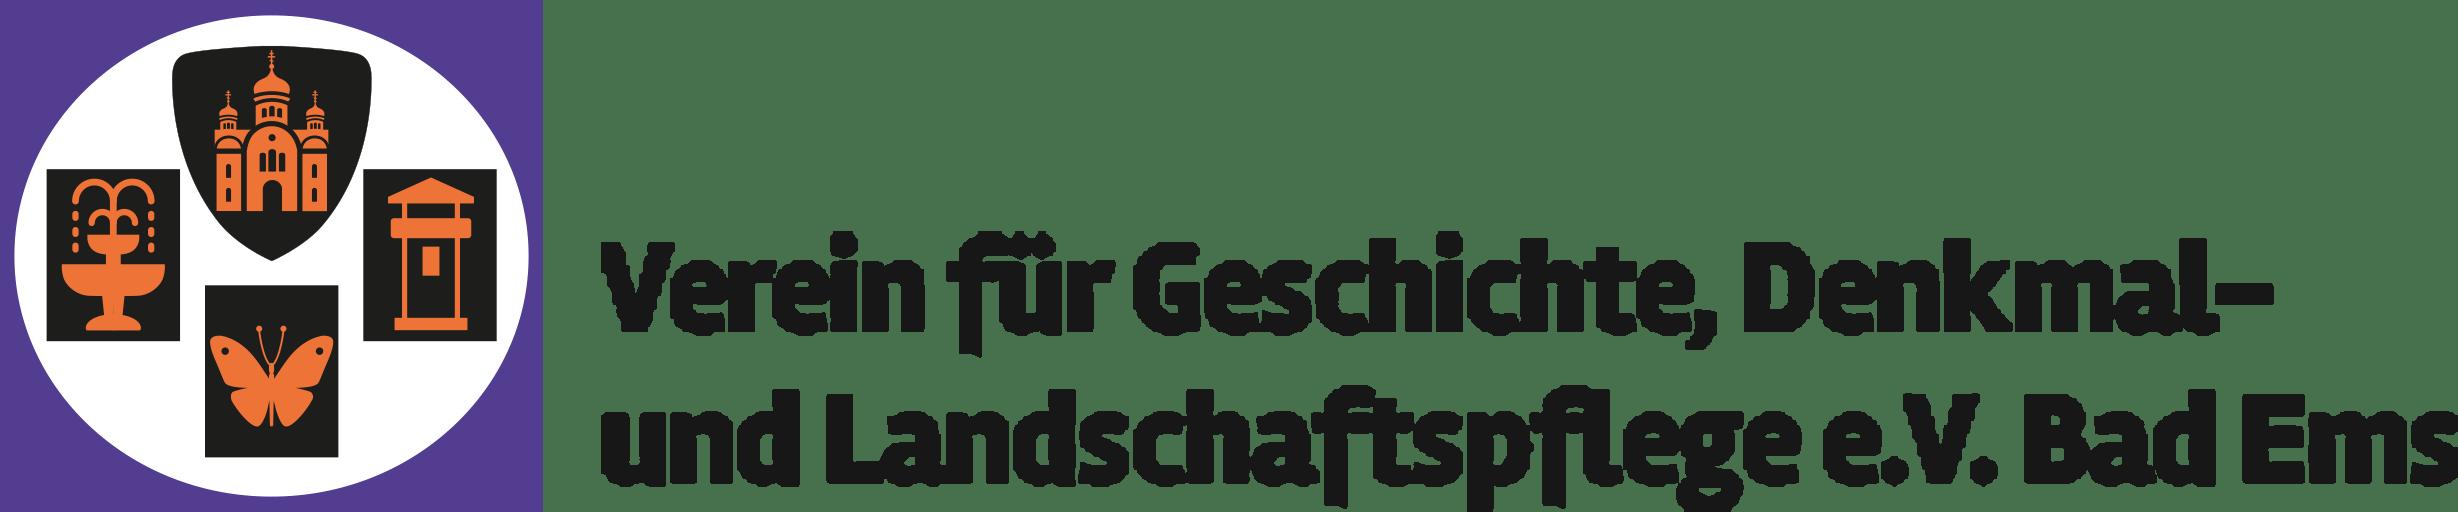 VfG-Bad-Ems-Logo